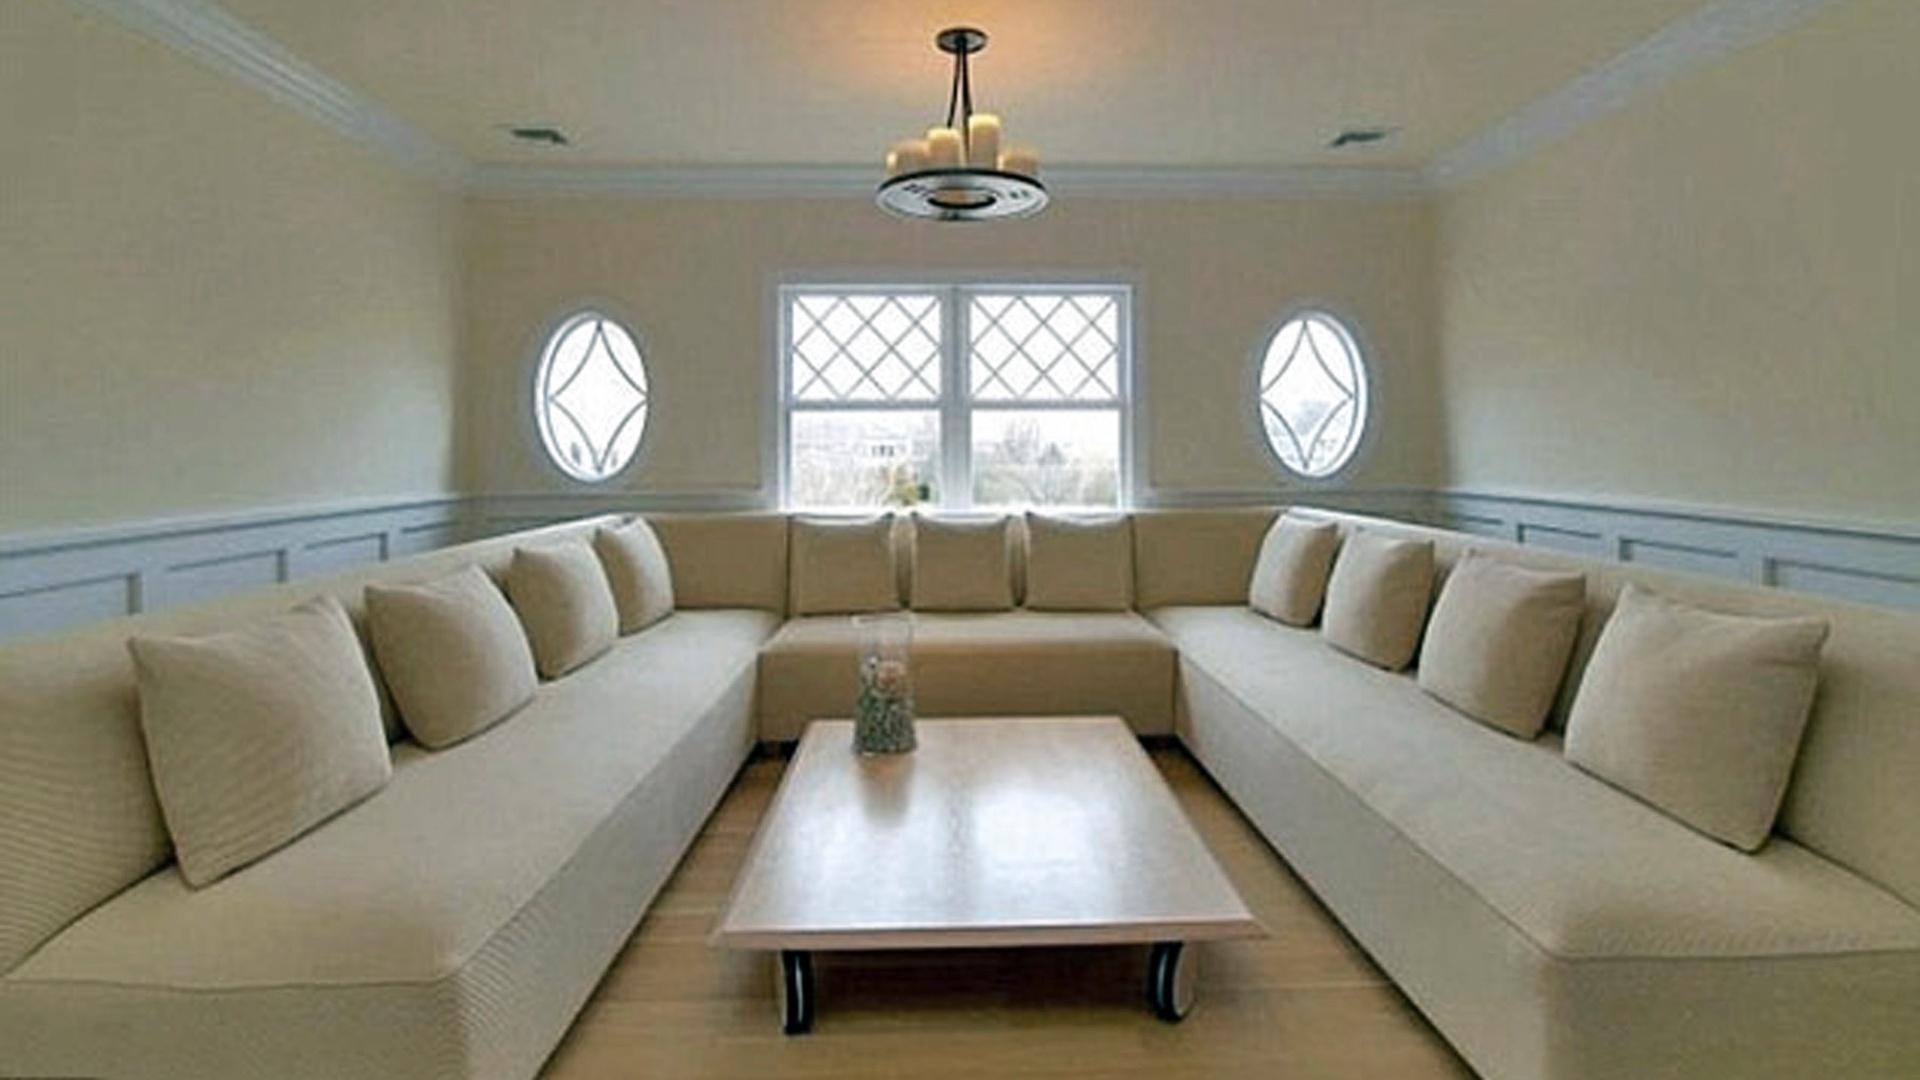 15.mai.2013 - A cantora Jennifer Lopez comprou uma mansão de US$ 10 milhões nos Hamptons, balneário localizado em Nova York. A propriedade possui oito quartos e sete banheiros